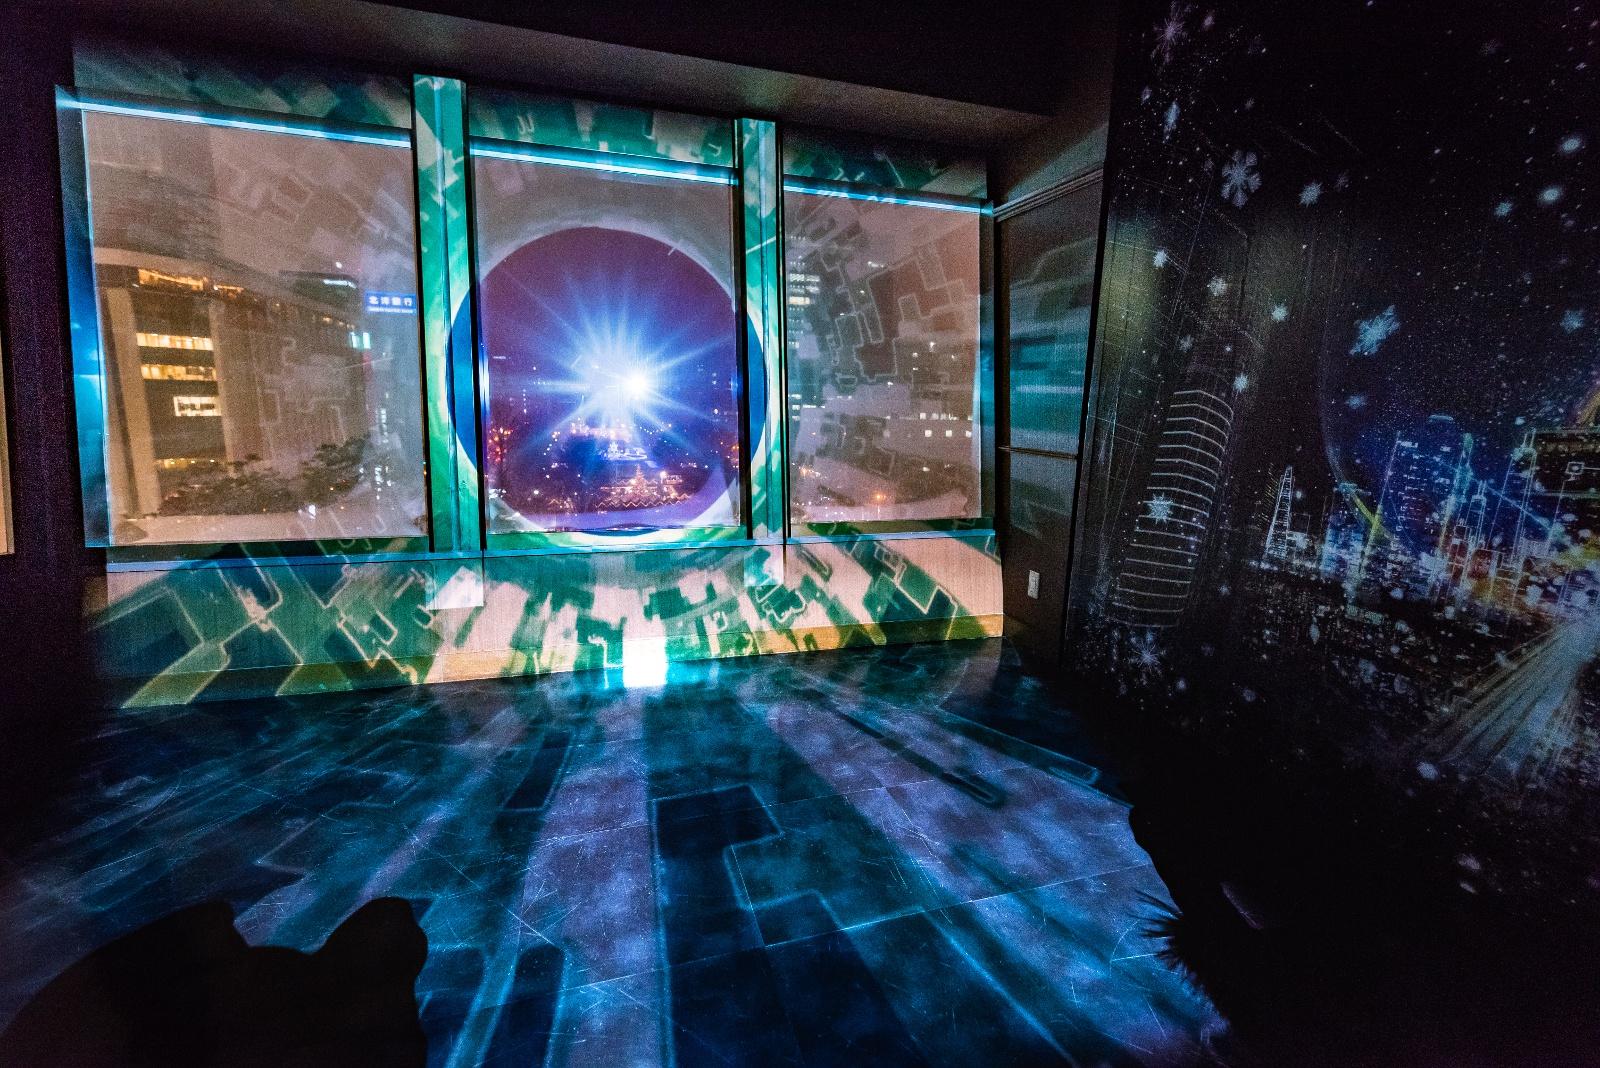 札幌の夜景に映像が重なる!さっぽろテレビ塔3階で光のショー開催中